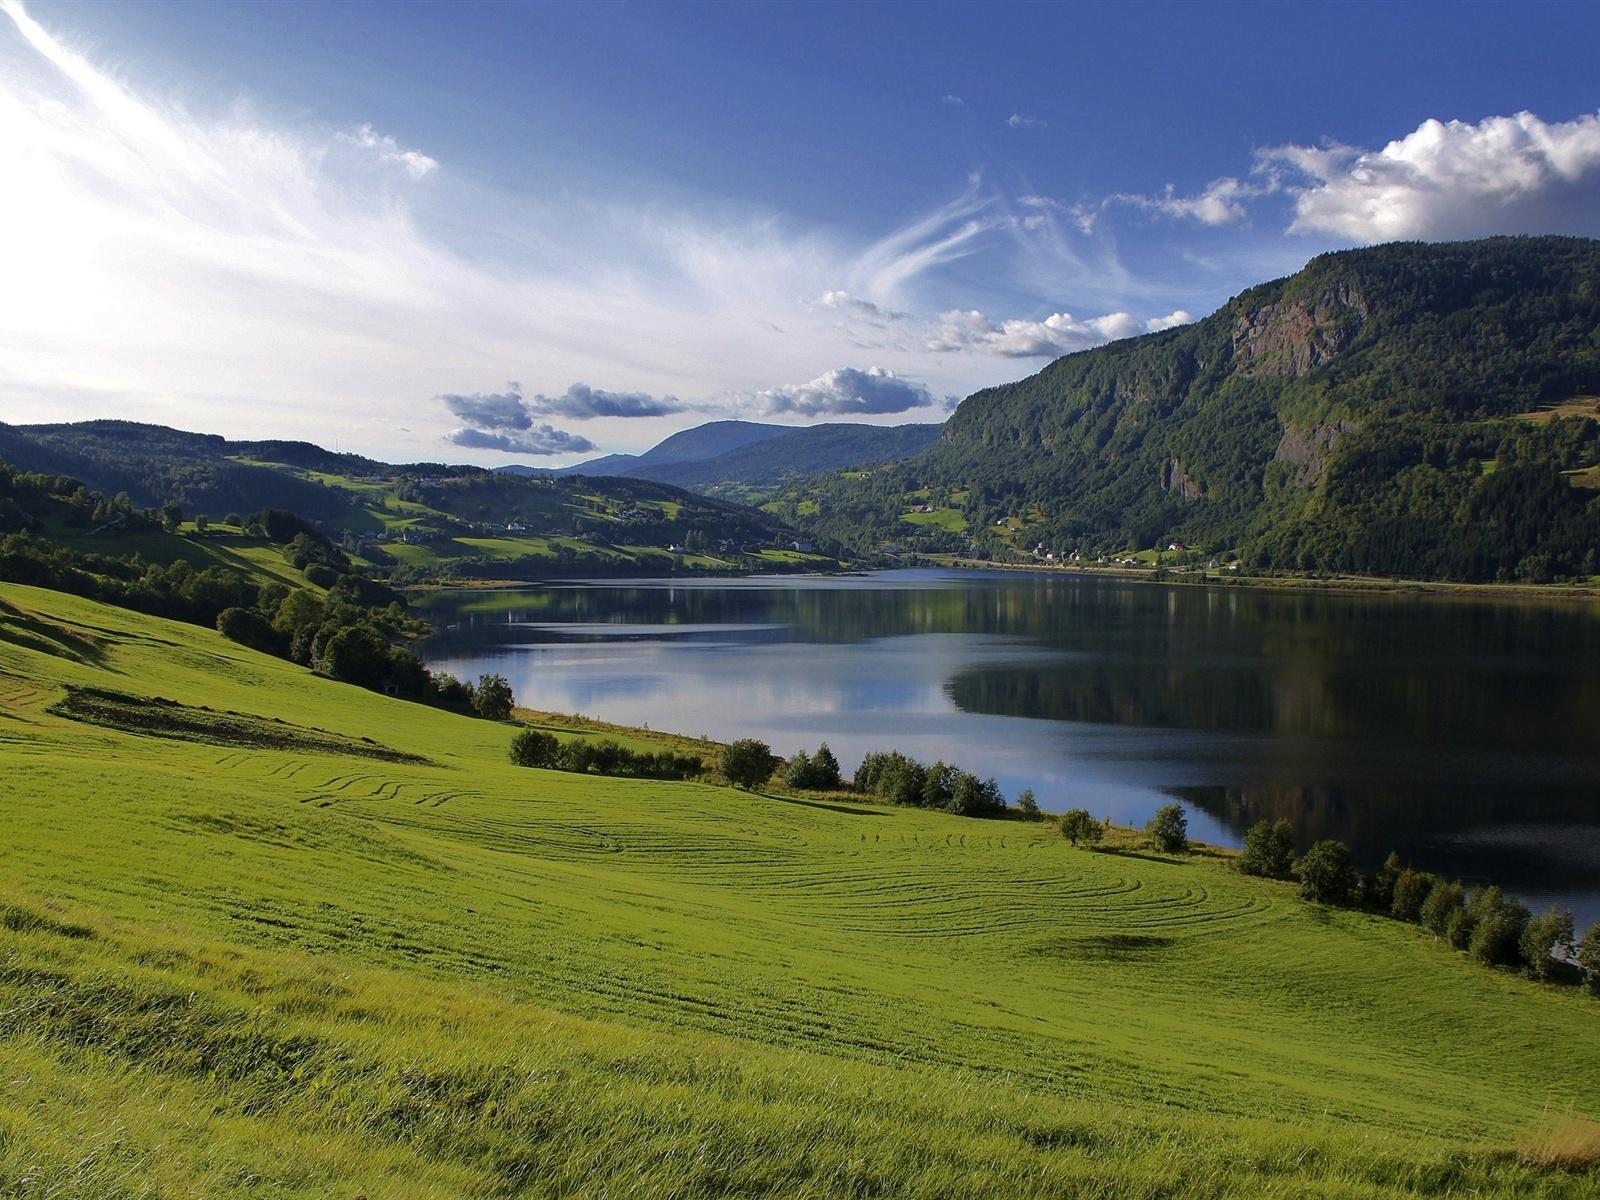 Горы, вода, природа, трава бесплатно